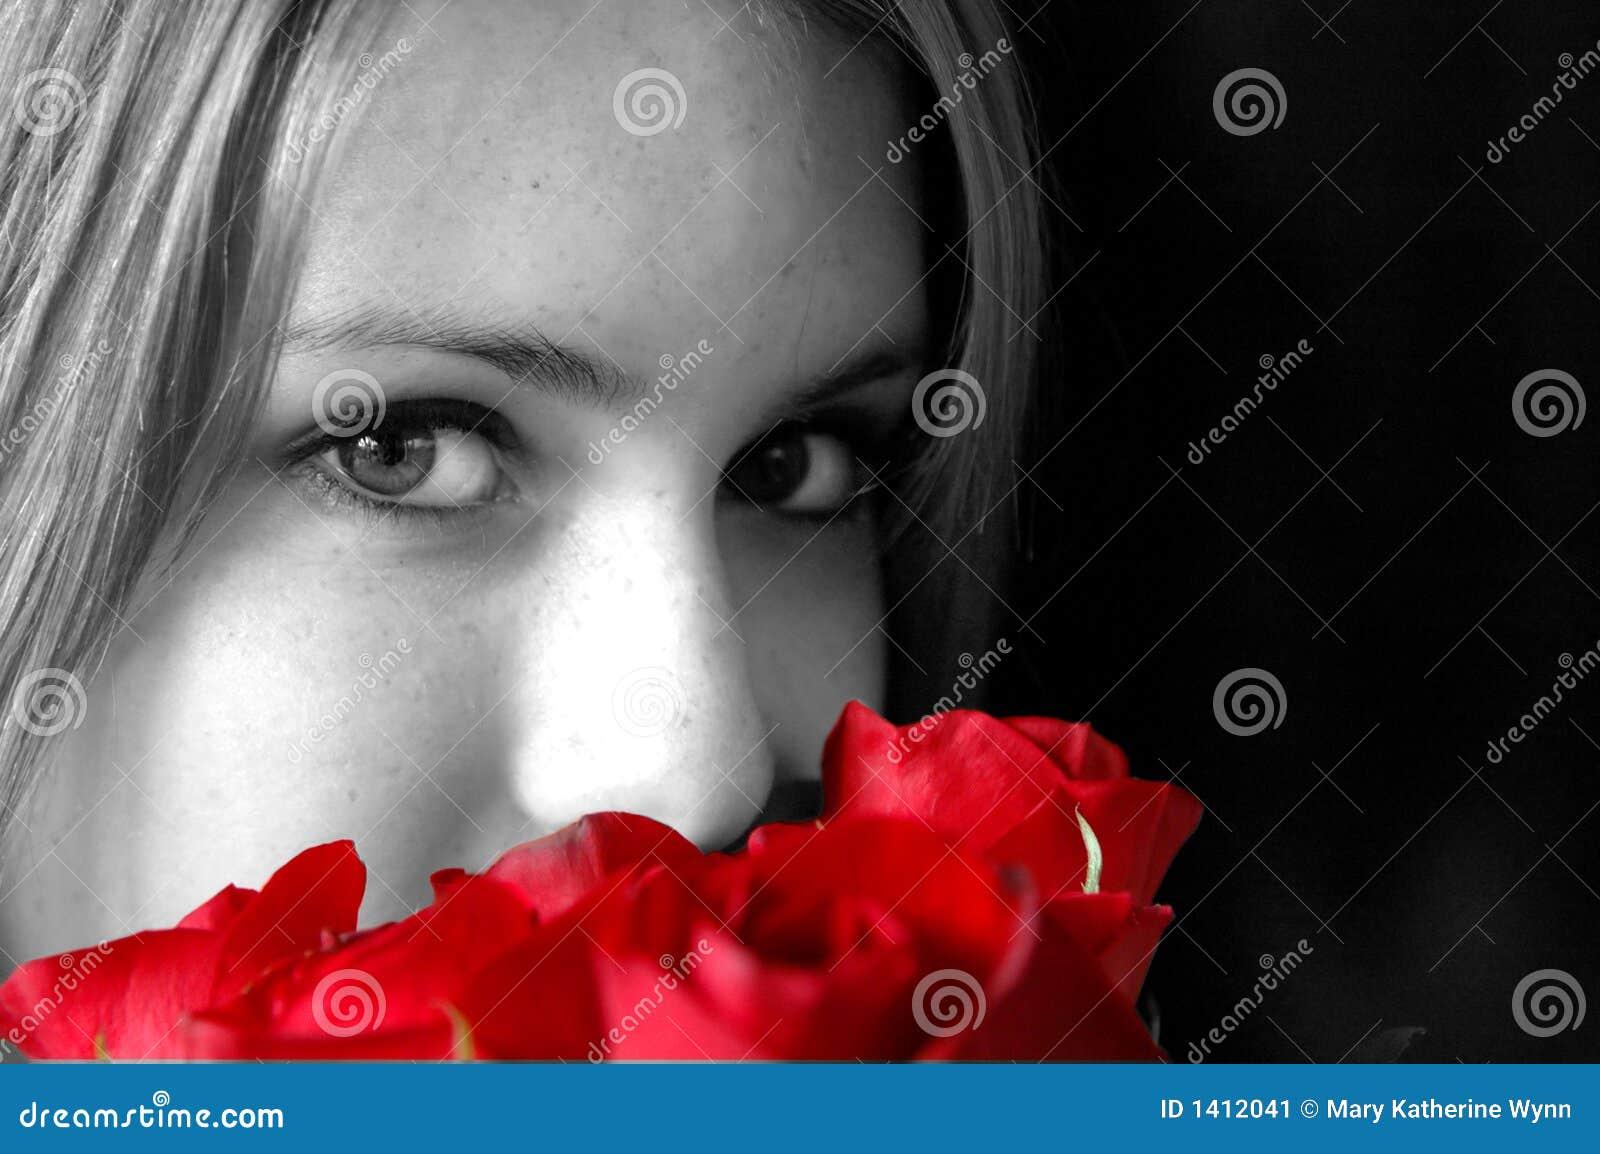 红色玫瑰嗅到